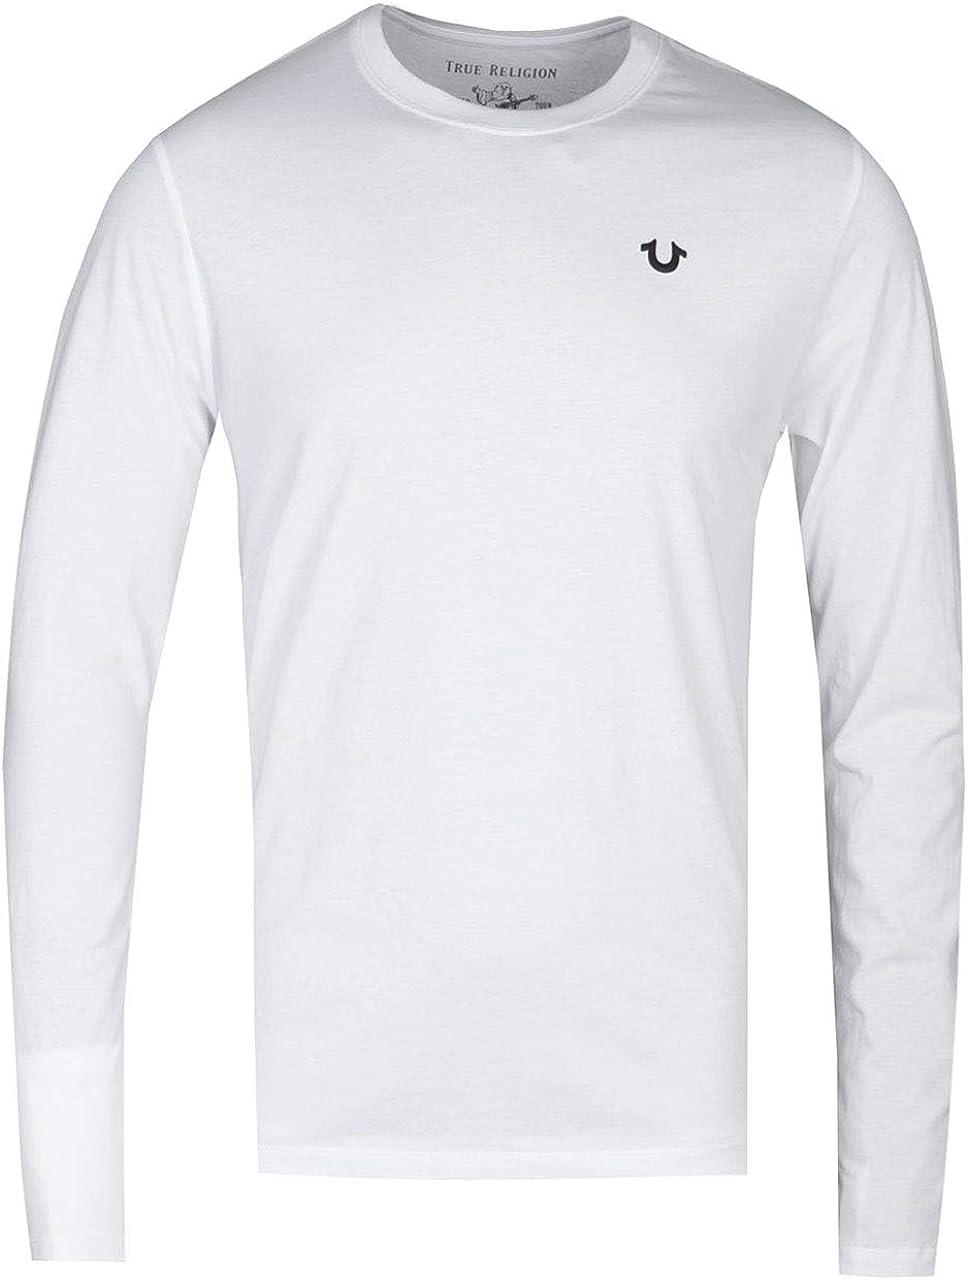 True Religion Camiseta Blanca con Cuello Redondo y Manga Larga: Amazon.es: Ropa y accesorios